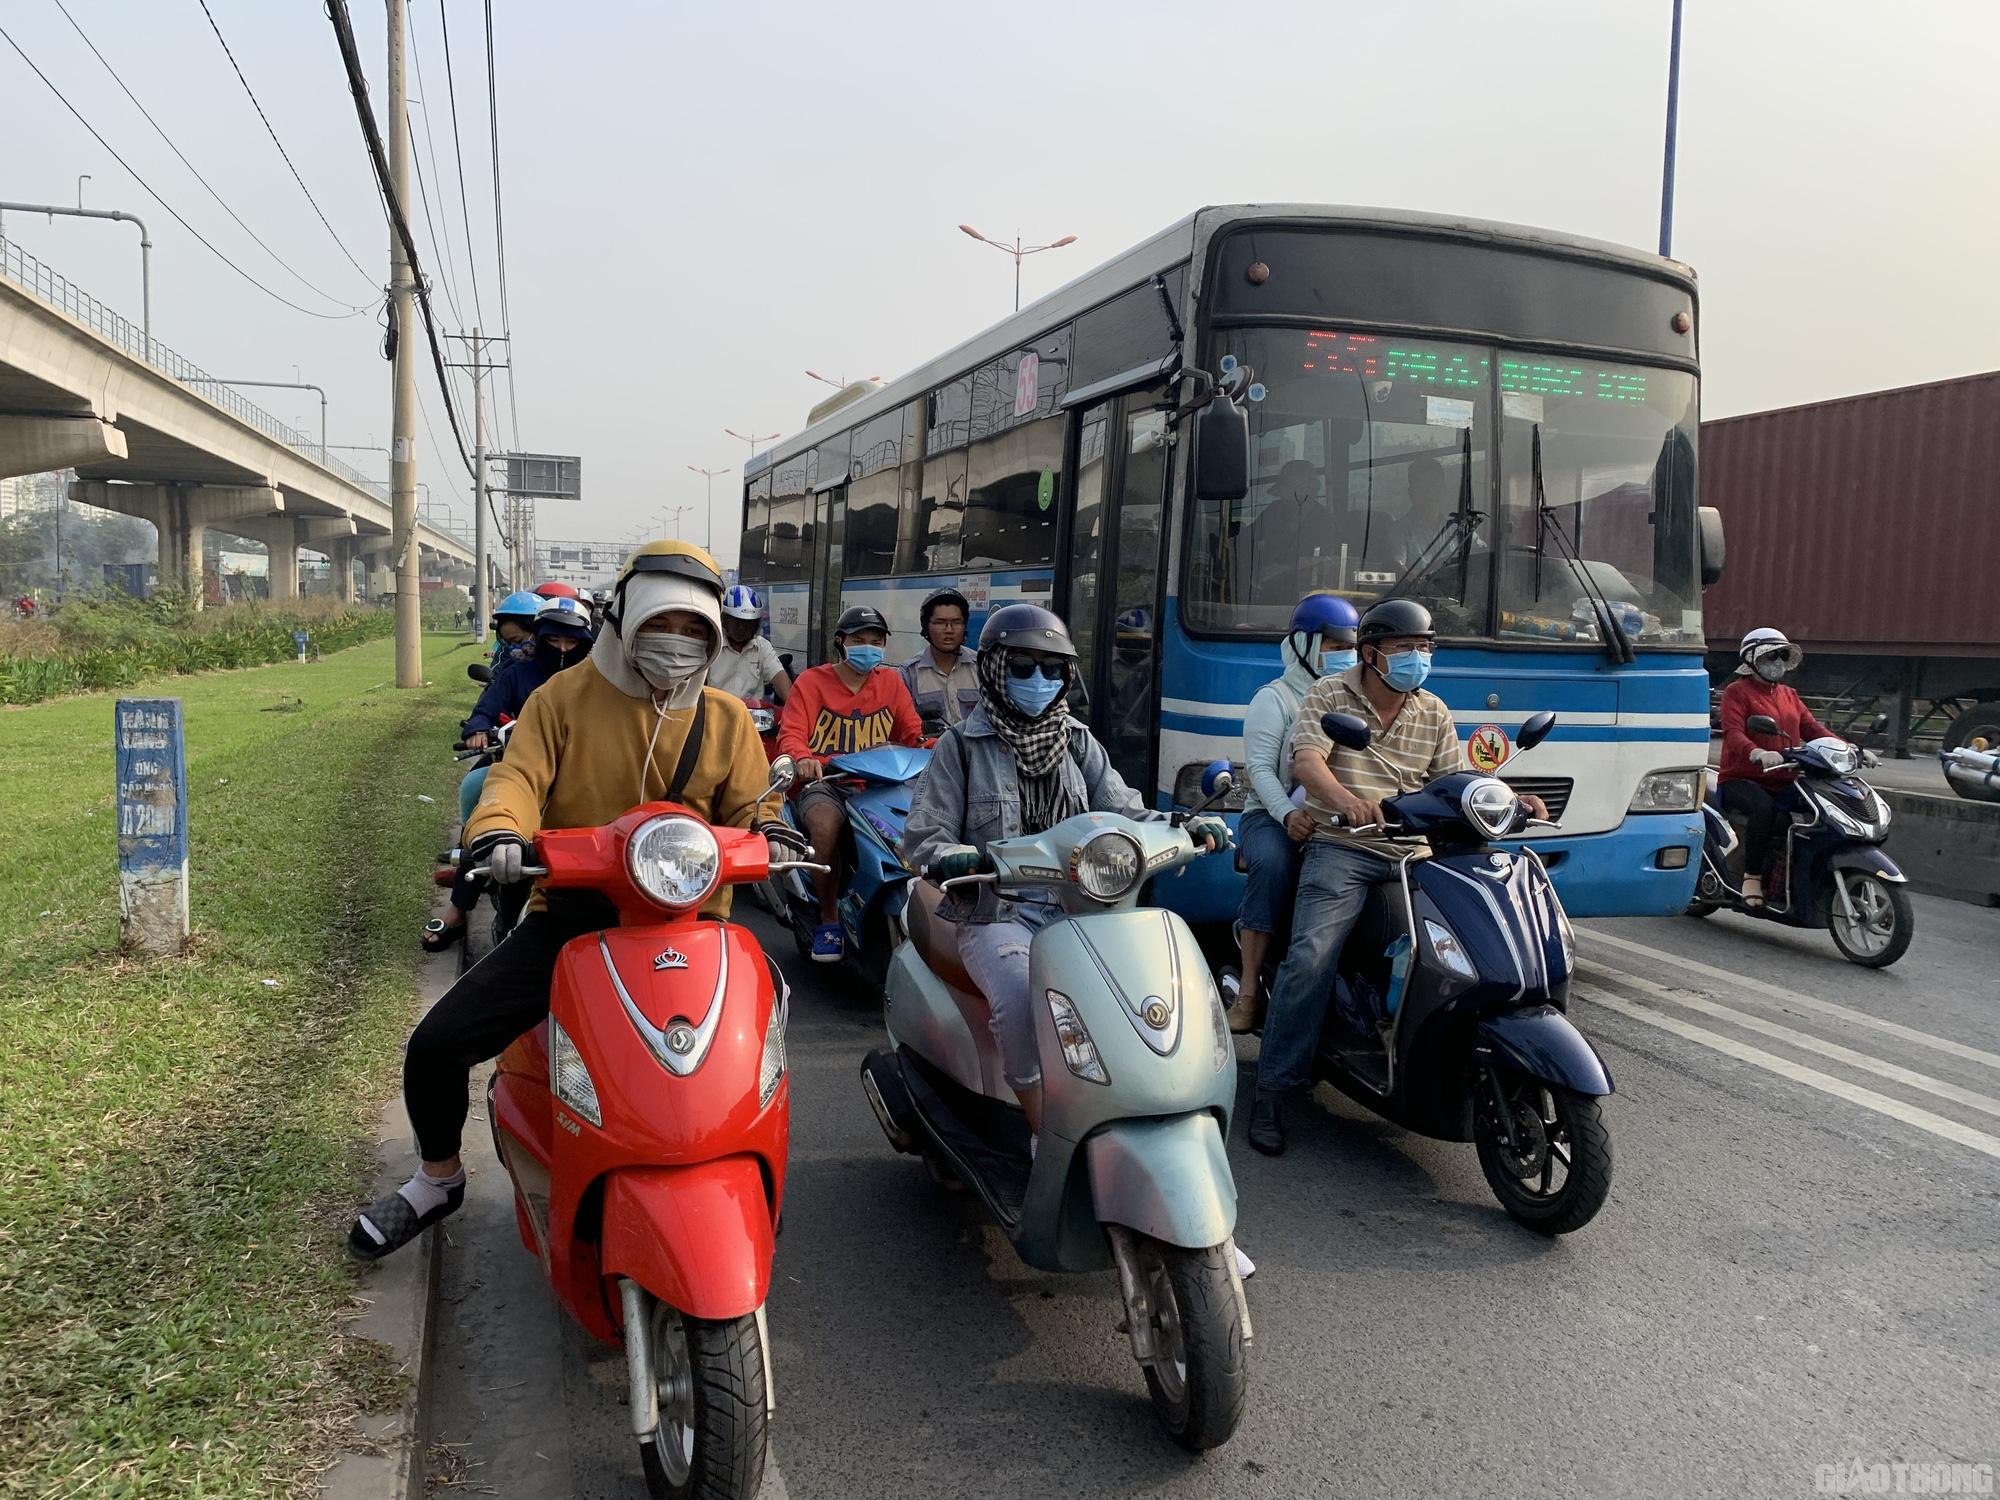 Hàng nghìn xe container ken chặt xe máy, cùng 'chôn chân' trên Xa lộ Hà Nội - Ảnh 2.